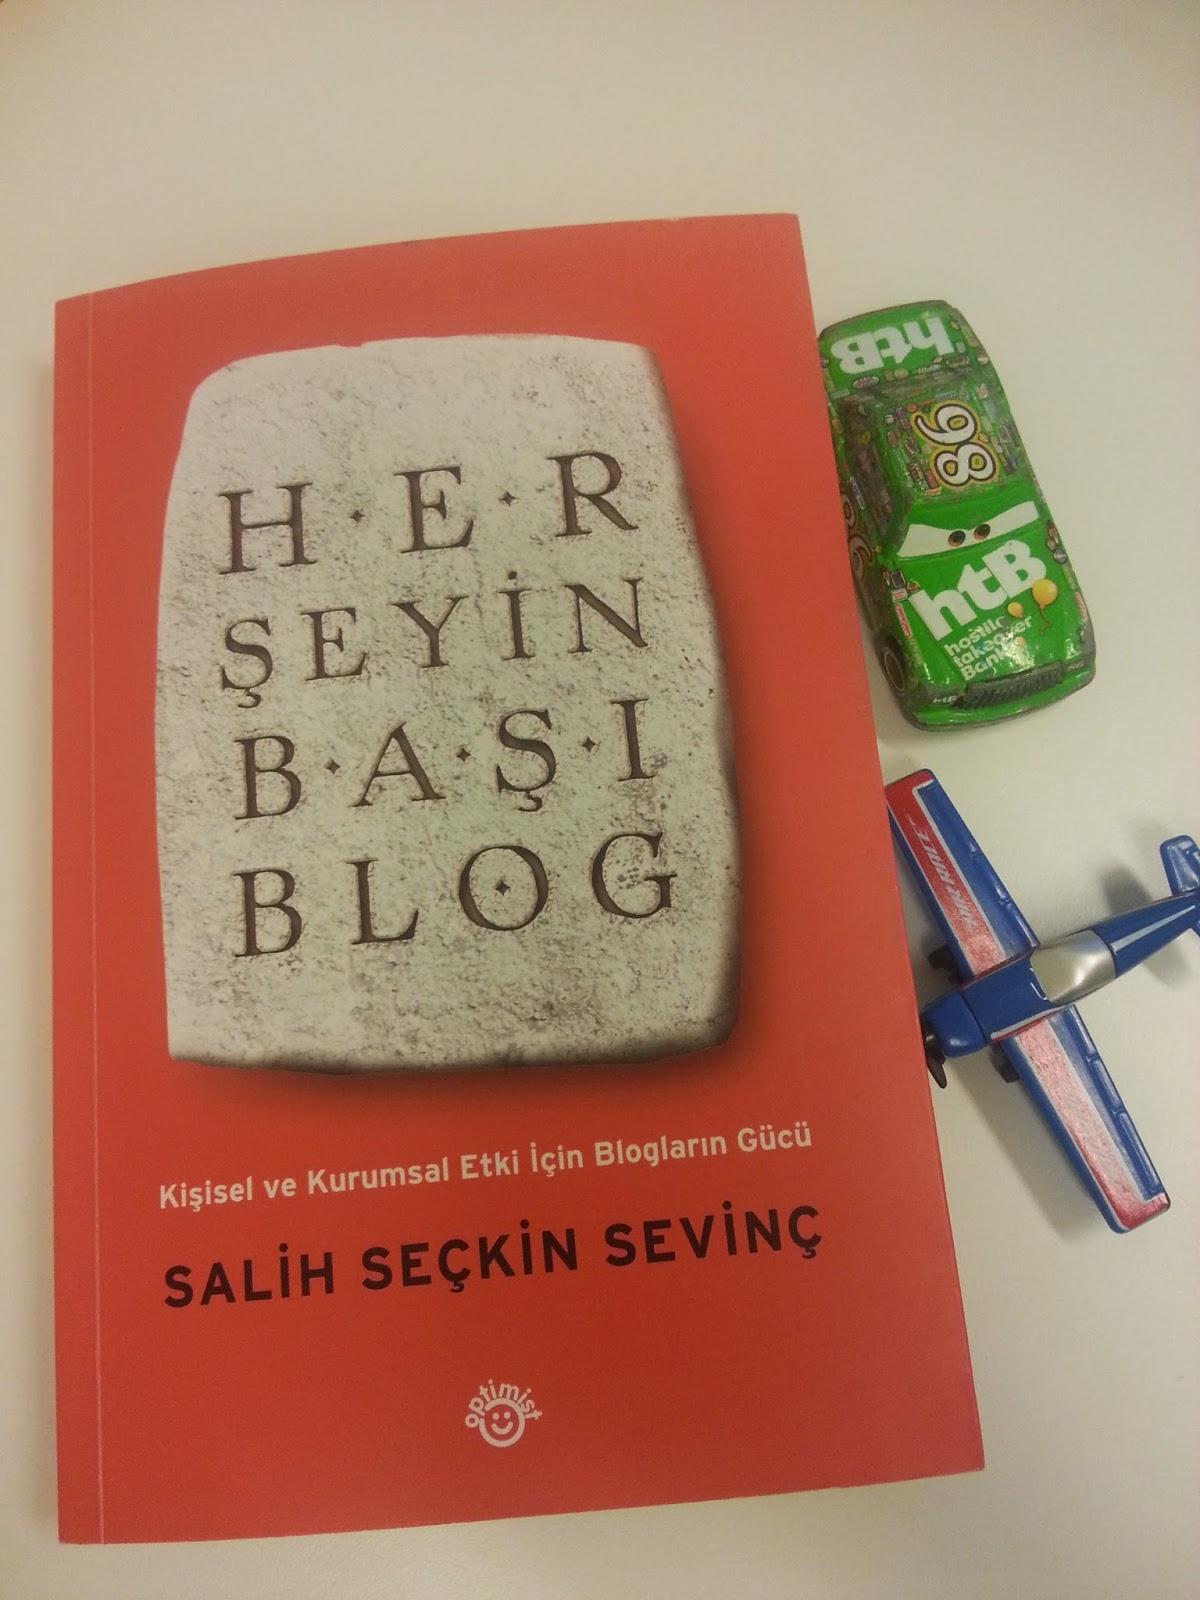 Herşeyin Başı Blog, Salih Seçkin Sevinç